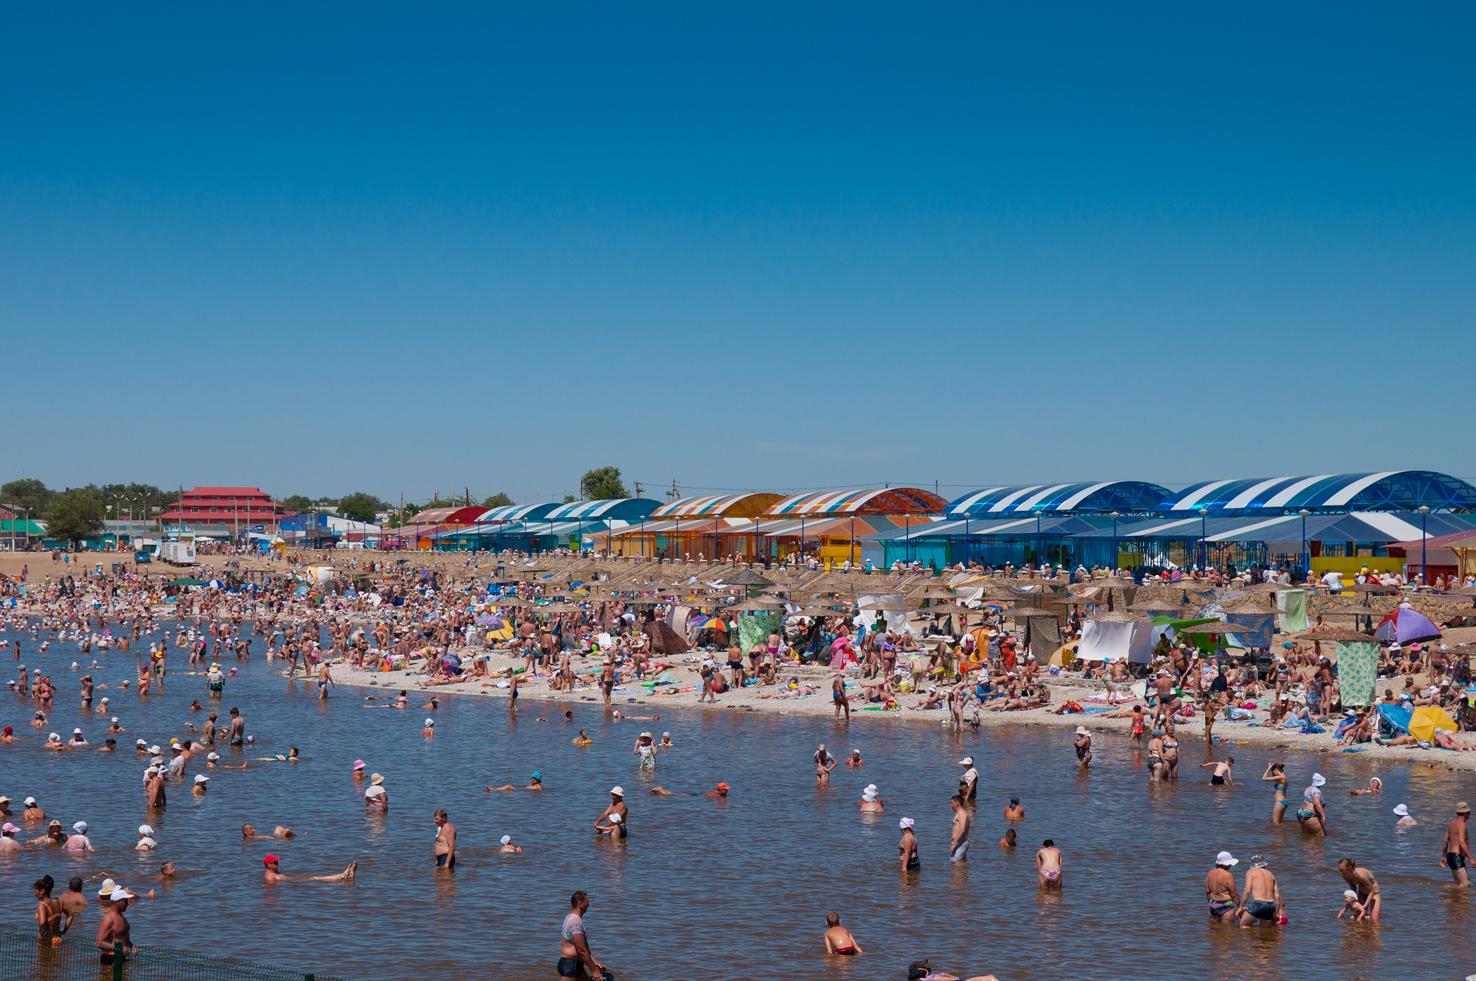 Курорт Соль-Илецка ежегодно посещают сотни тысяч туристов